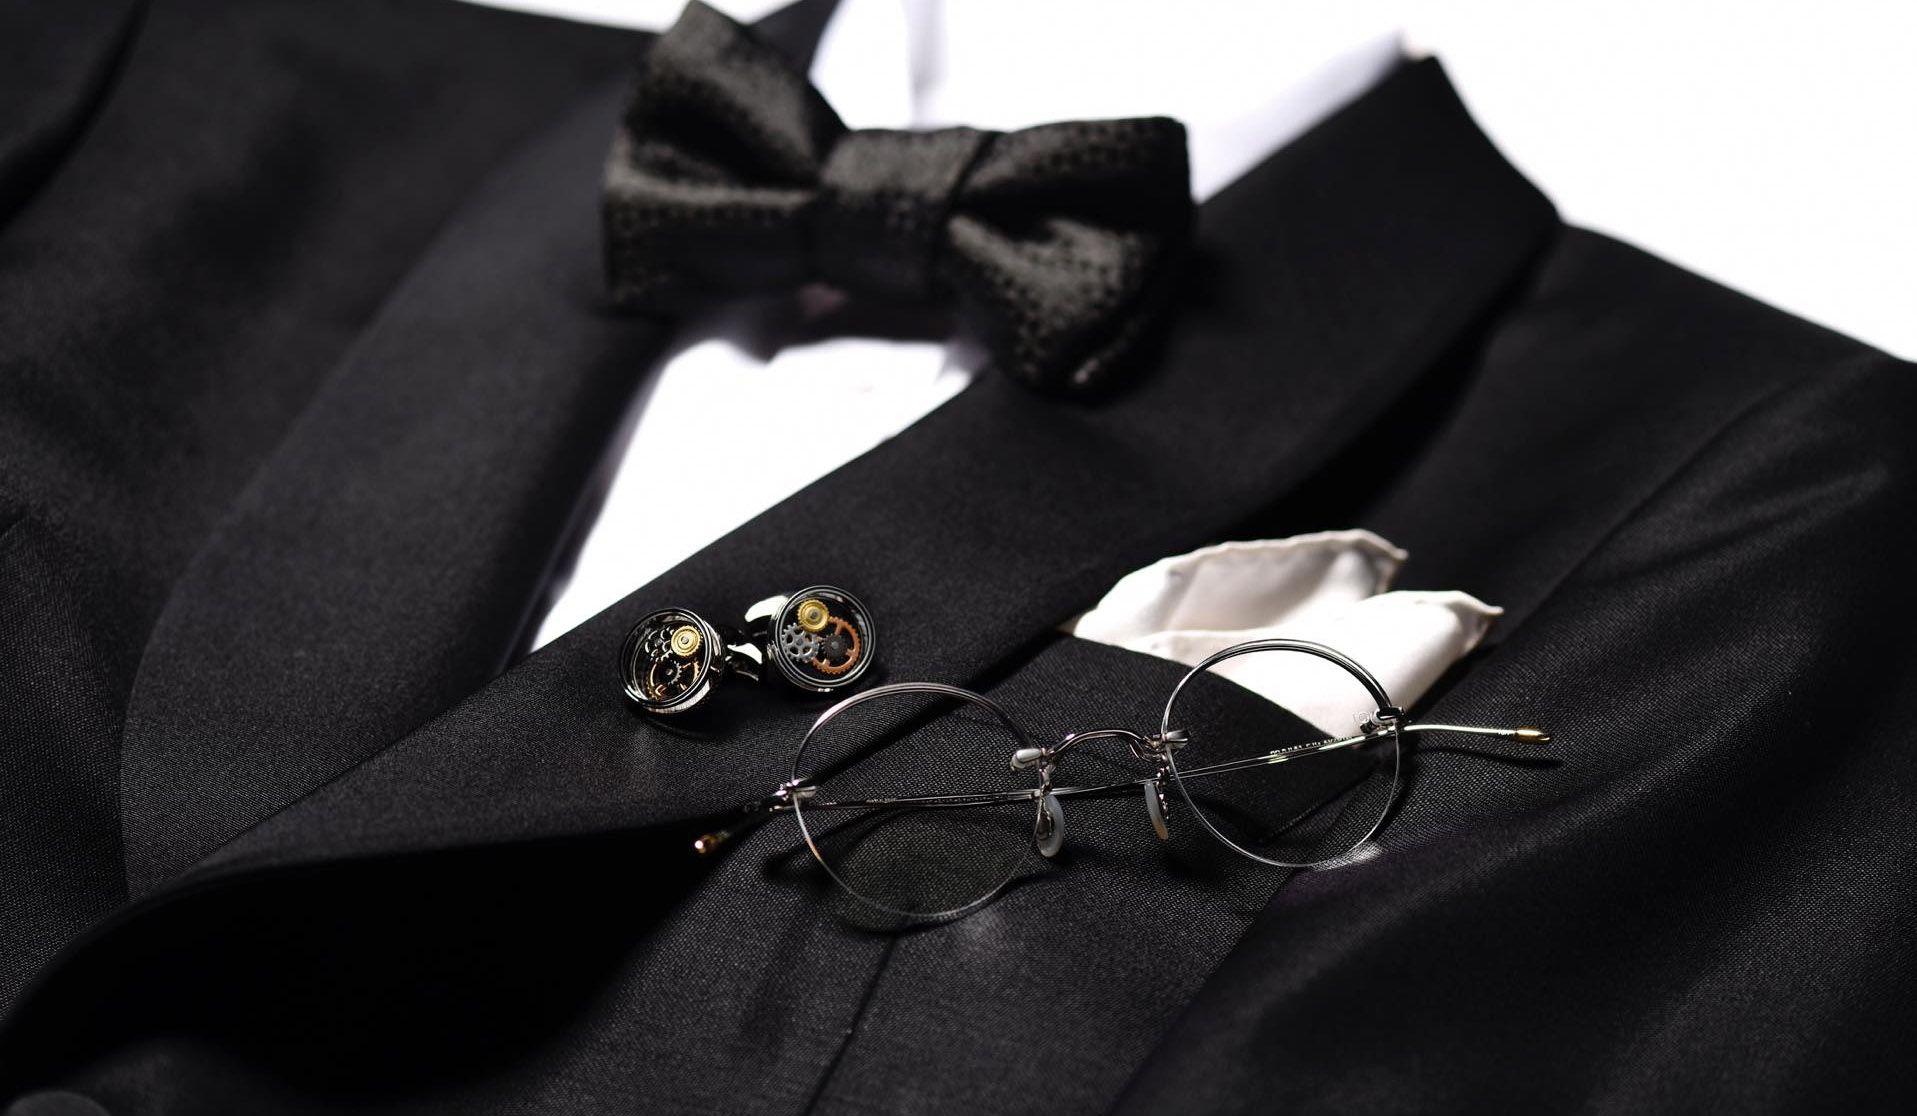 ギーヴス&ホークスのタキシード、ターンブル&アッサーのシャツとチーフ、シャルべのボウタイ、10 アイヴァンの眼鏡、タテオシアンのカフリンクス